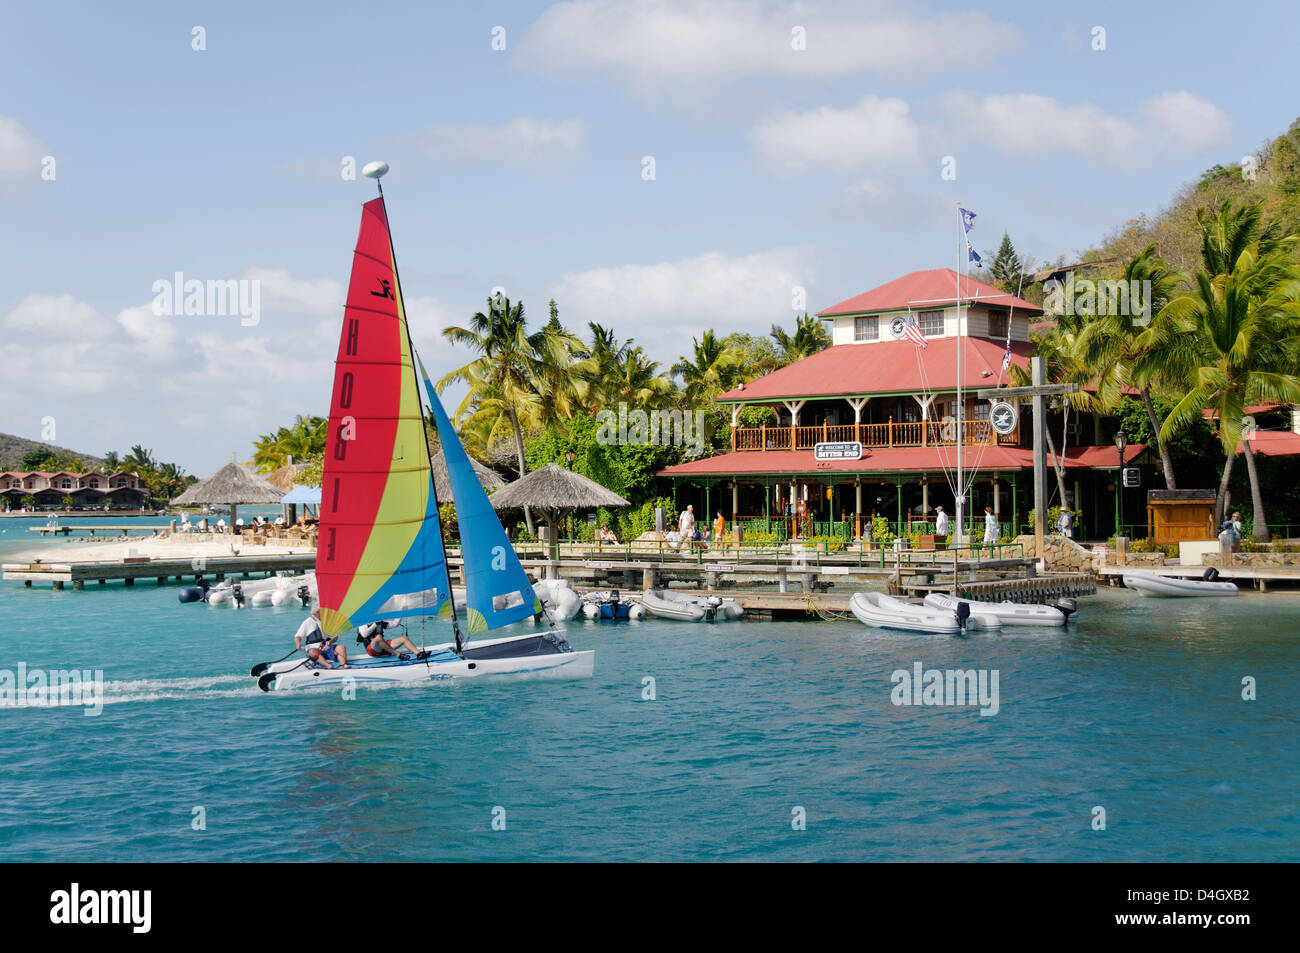 Bitter End Yacht Club, l'île de Virgin Gorda, îles Vierges britanniques, Antilles, Caraïbes Photo Stock